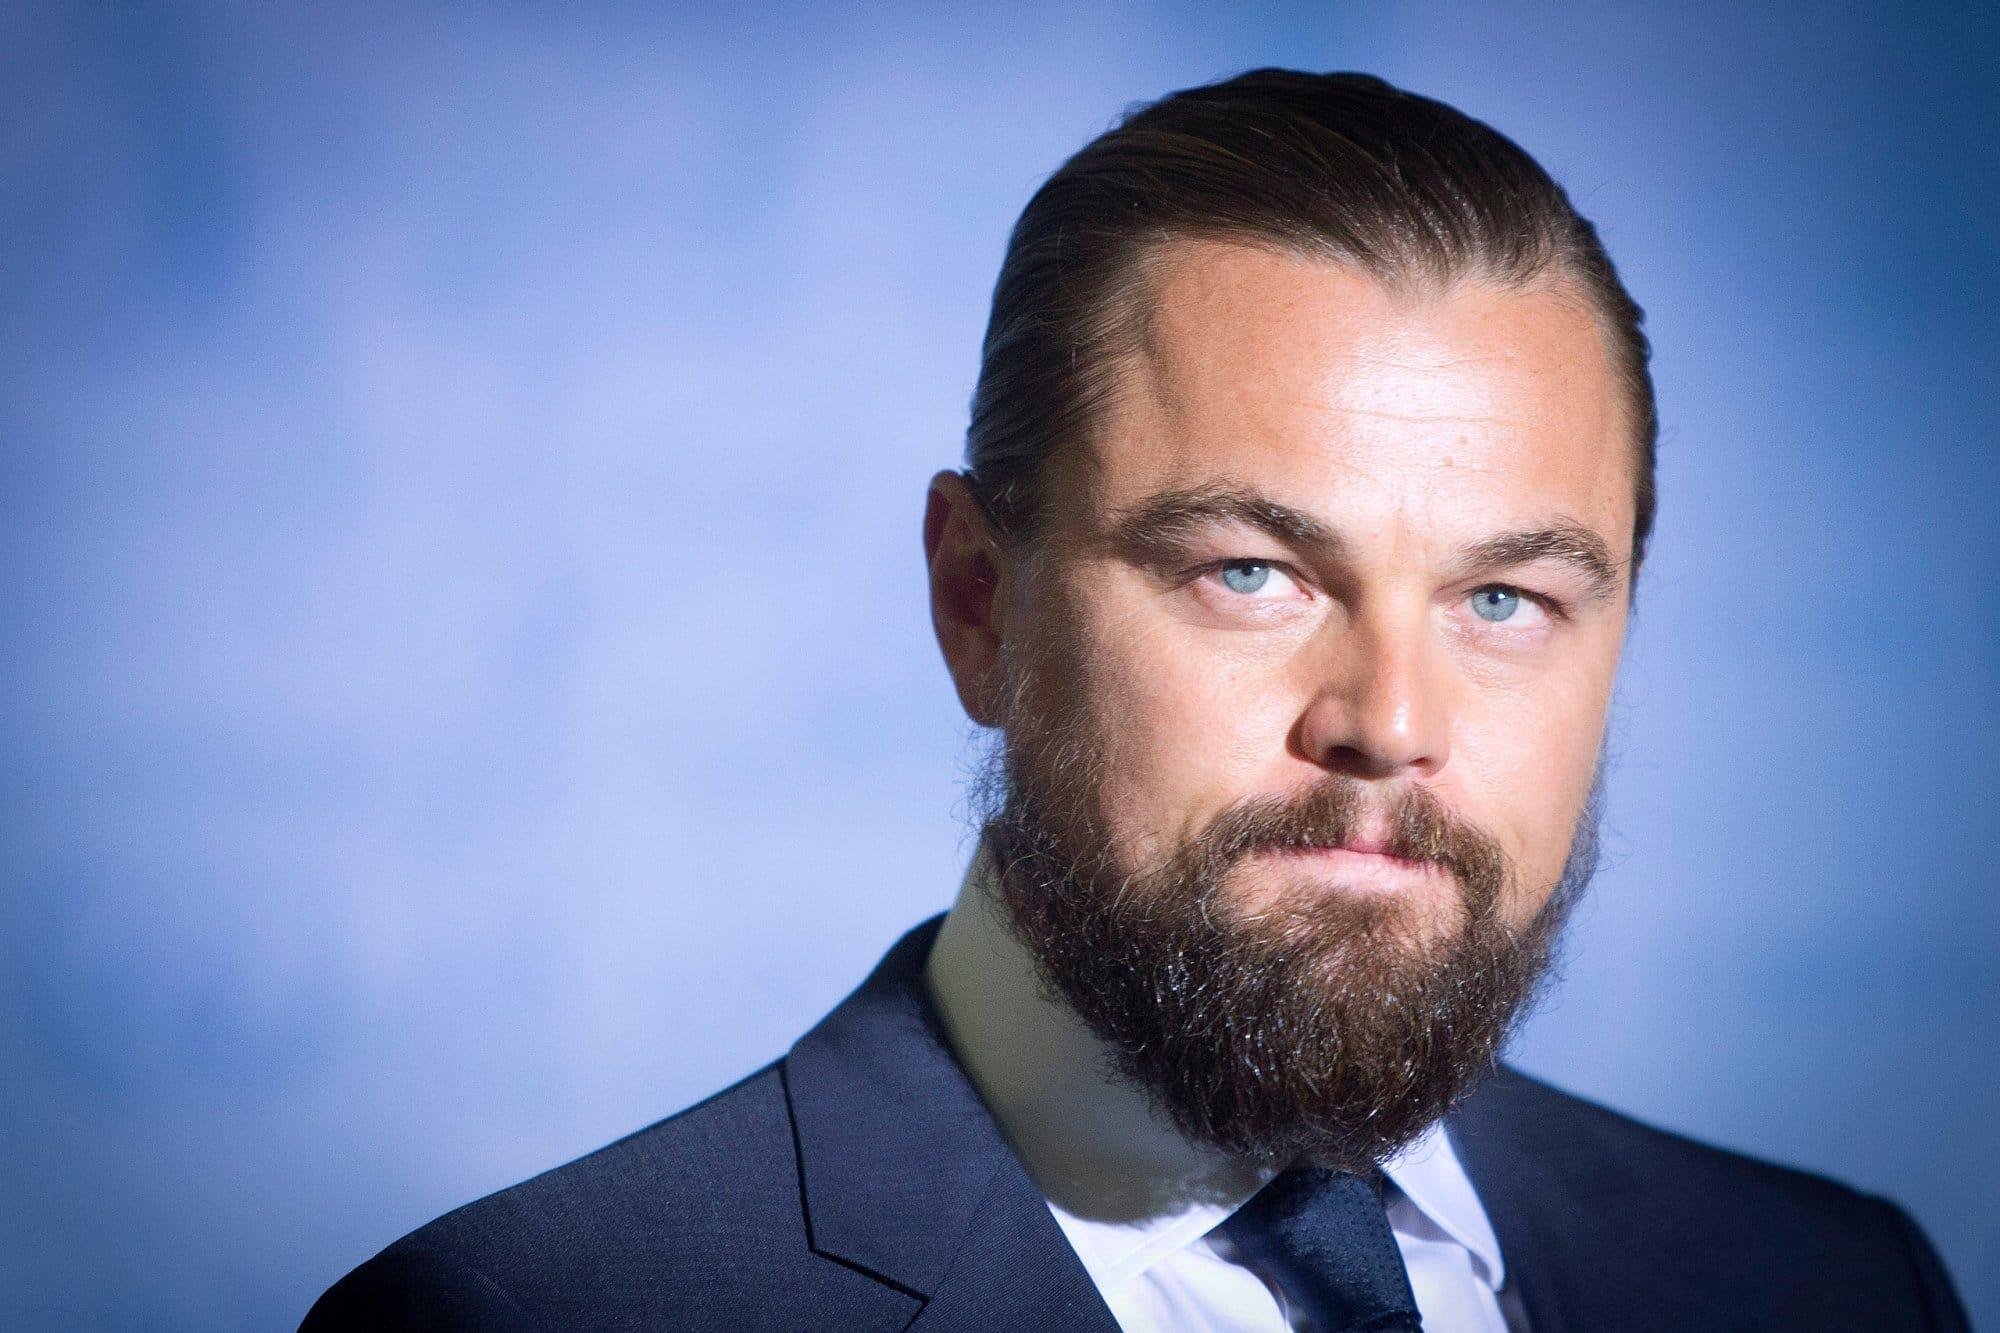 alignthoughts.com-Leonardo-Dicaprio-Beard-9